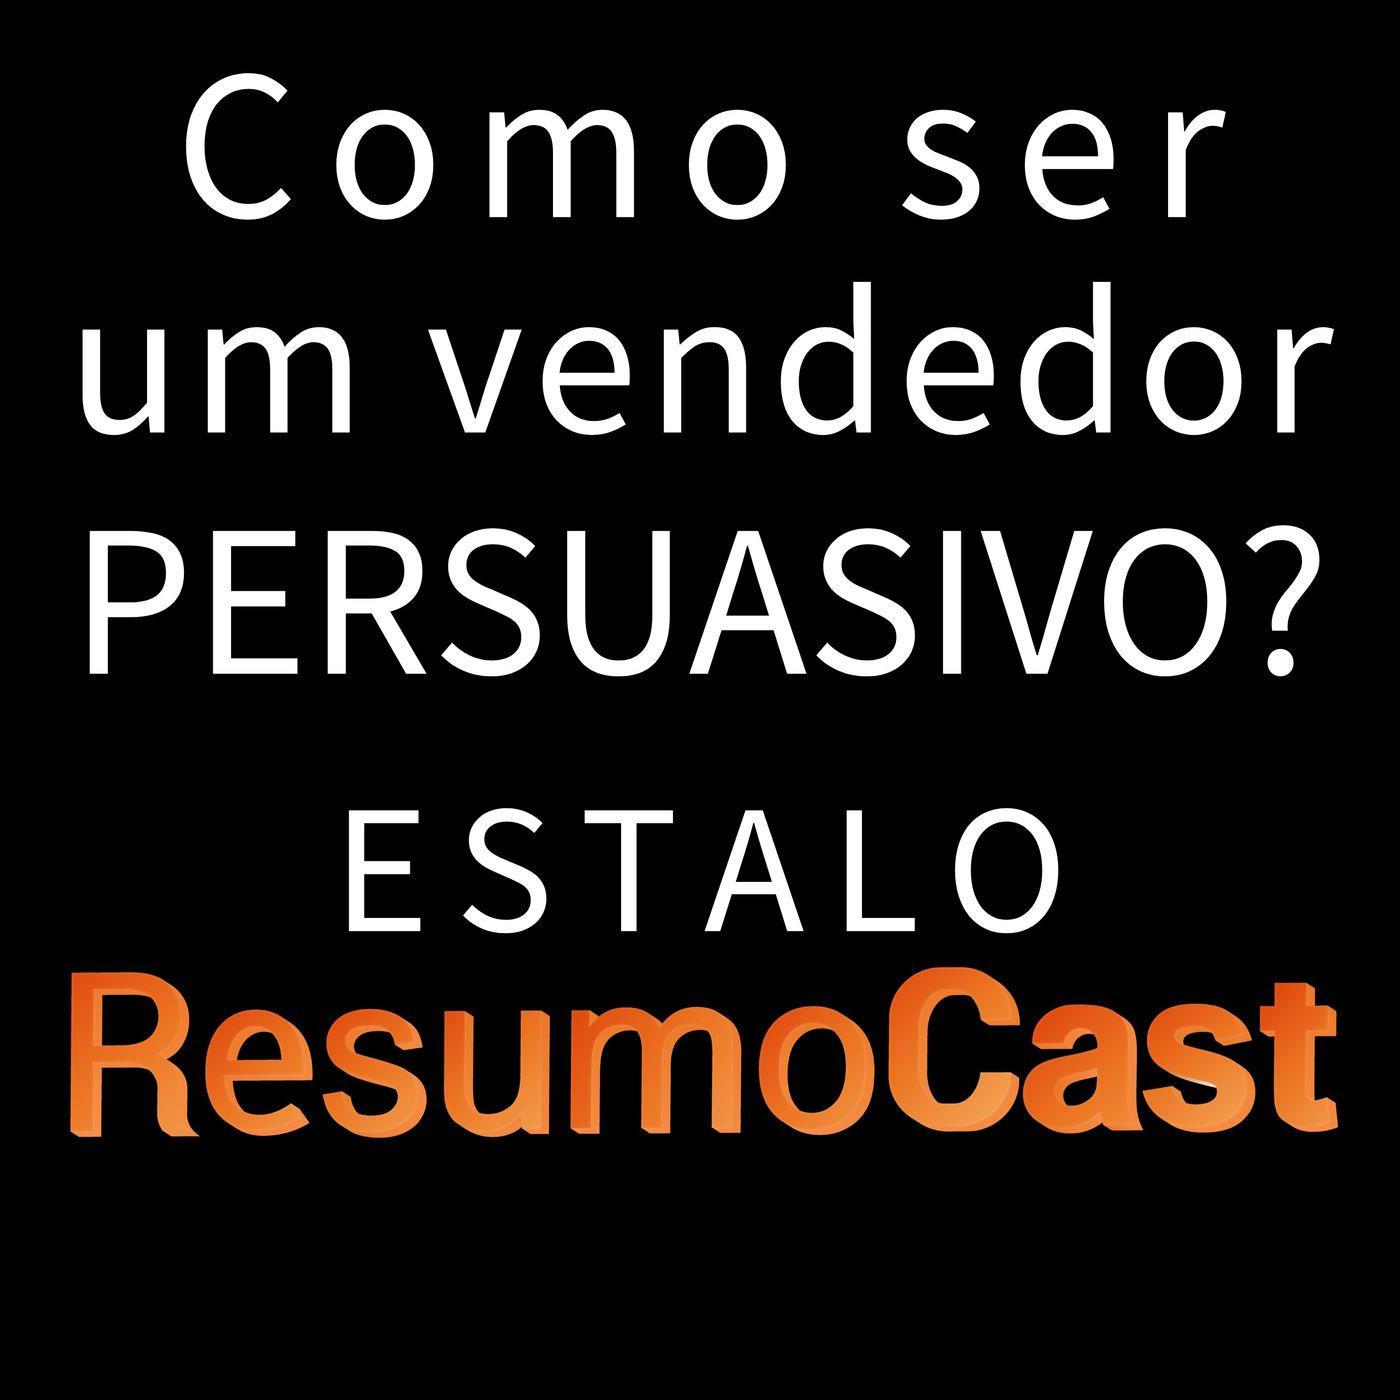 ESTALO | Como ser um vendedor persuasivo?